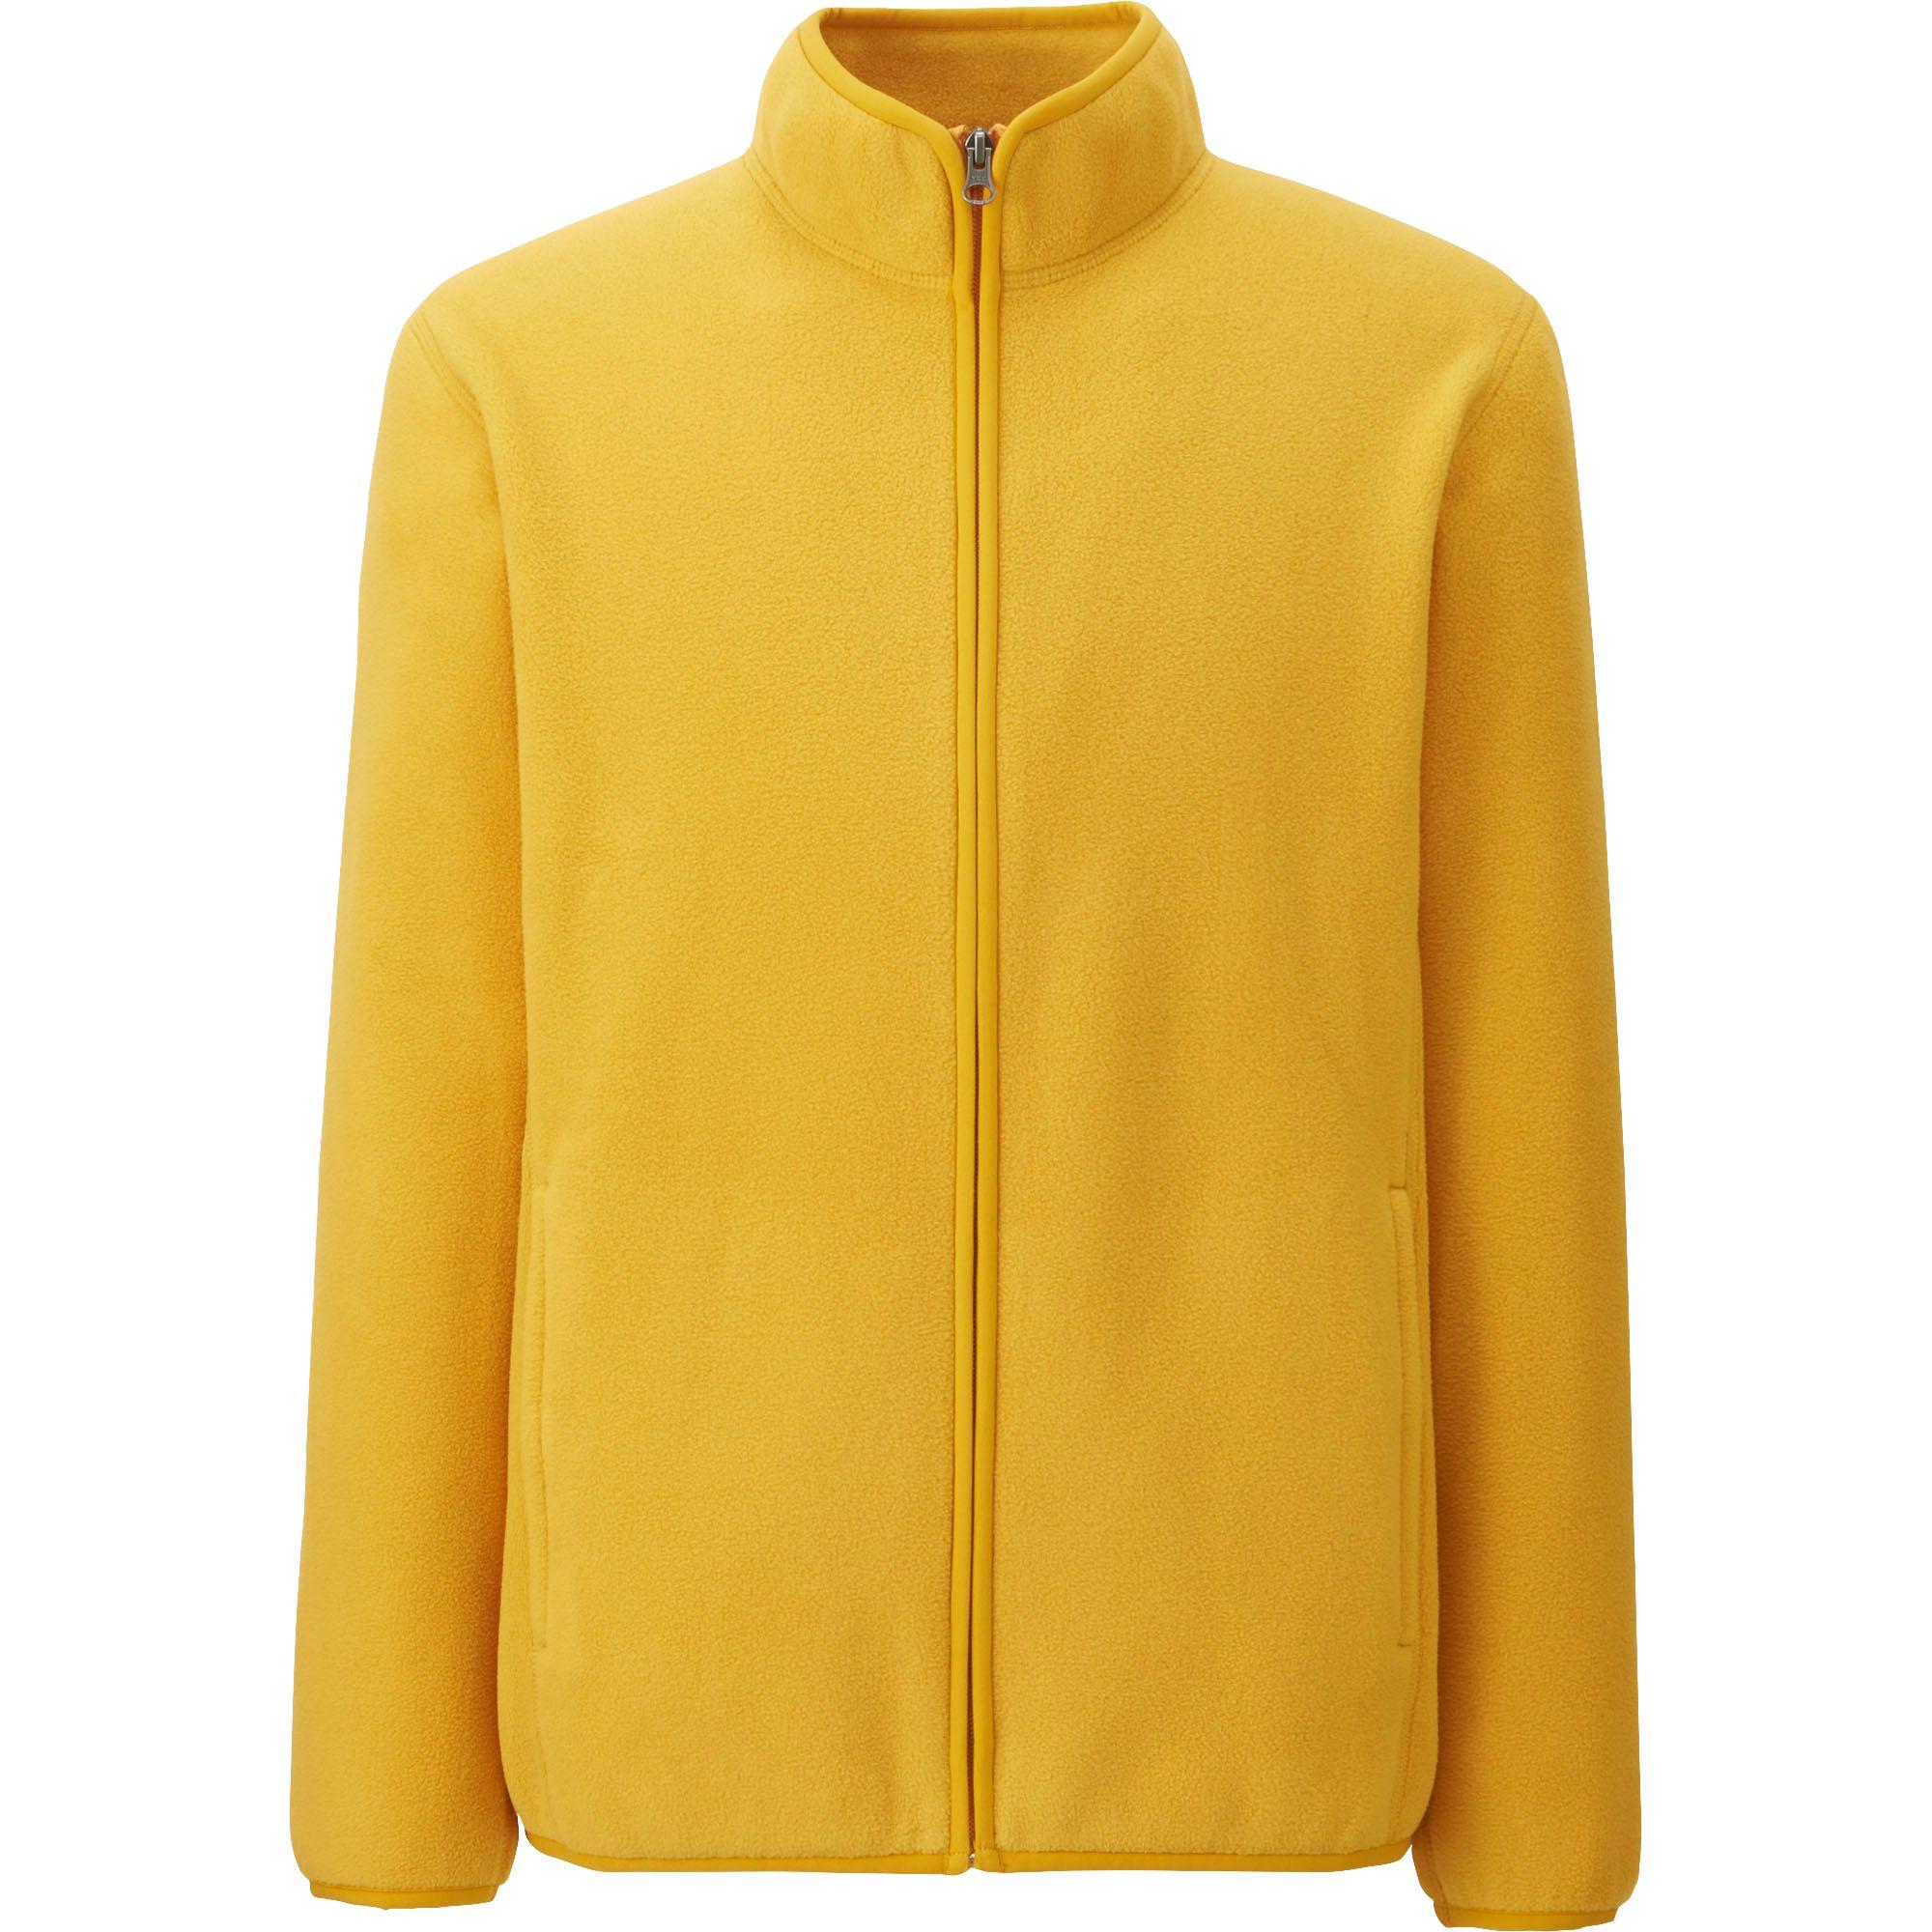 Mens Yellow Plaid Shirt